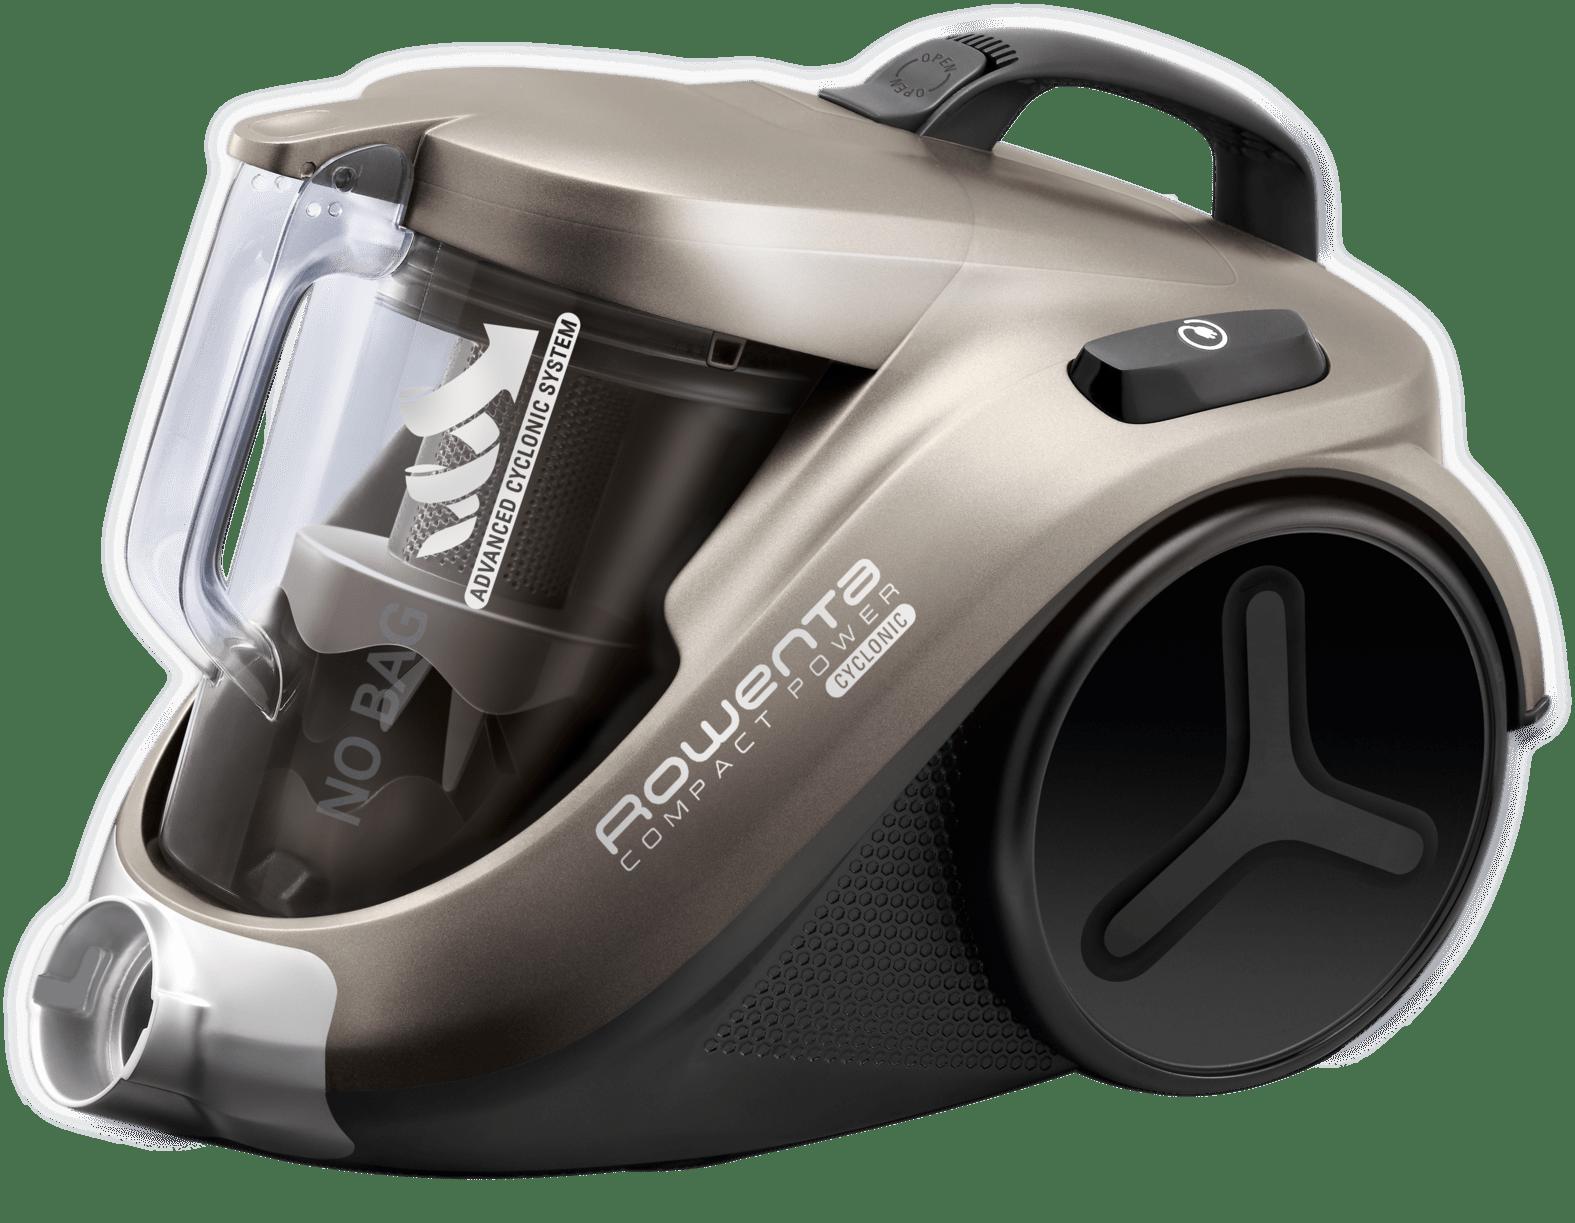 Rowenta RO3786 Compact Power Cyclonic Animal Care